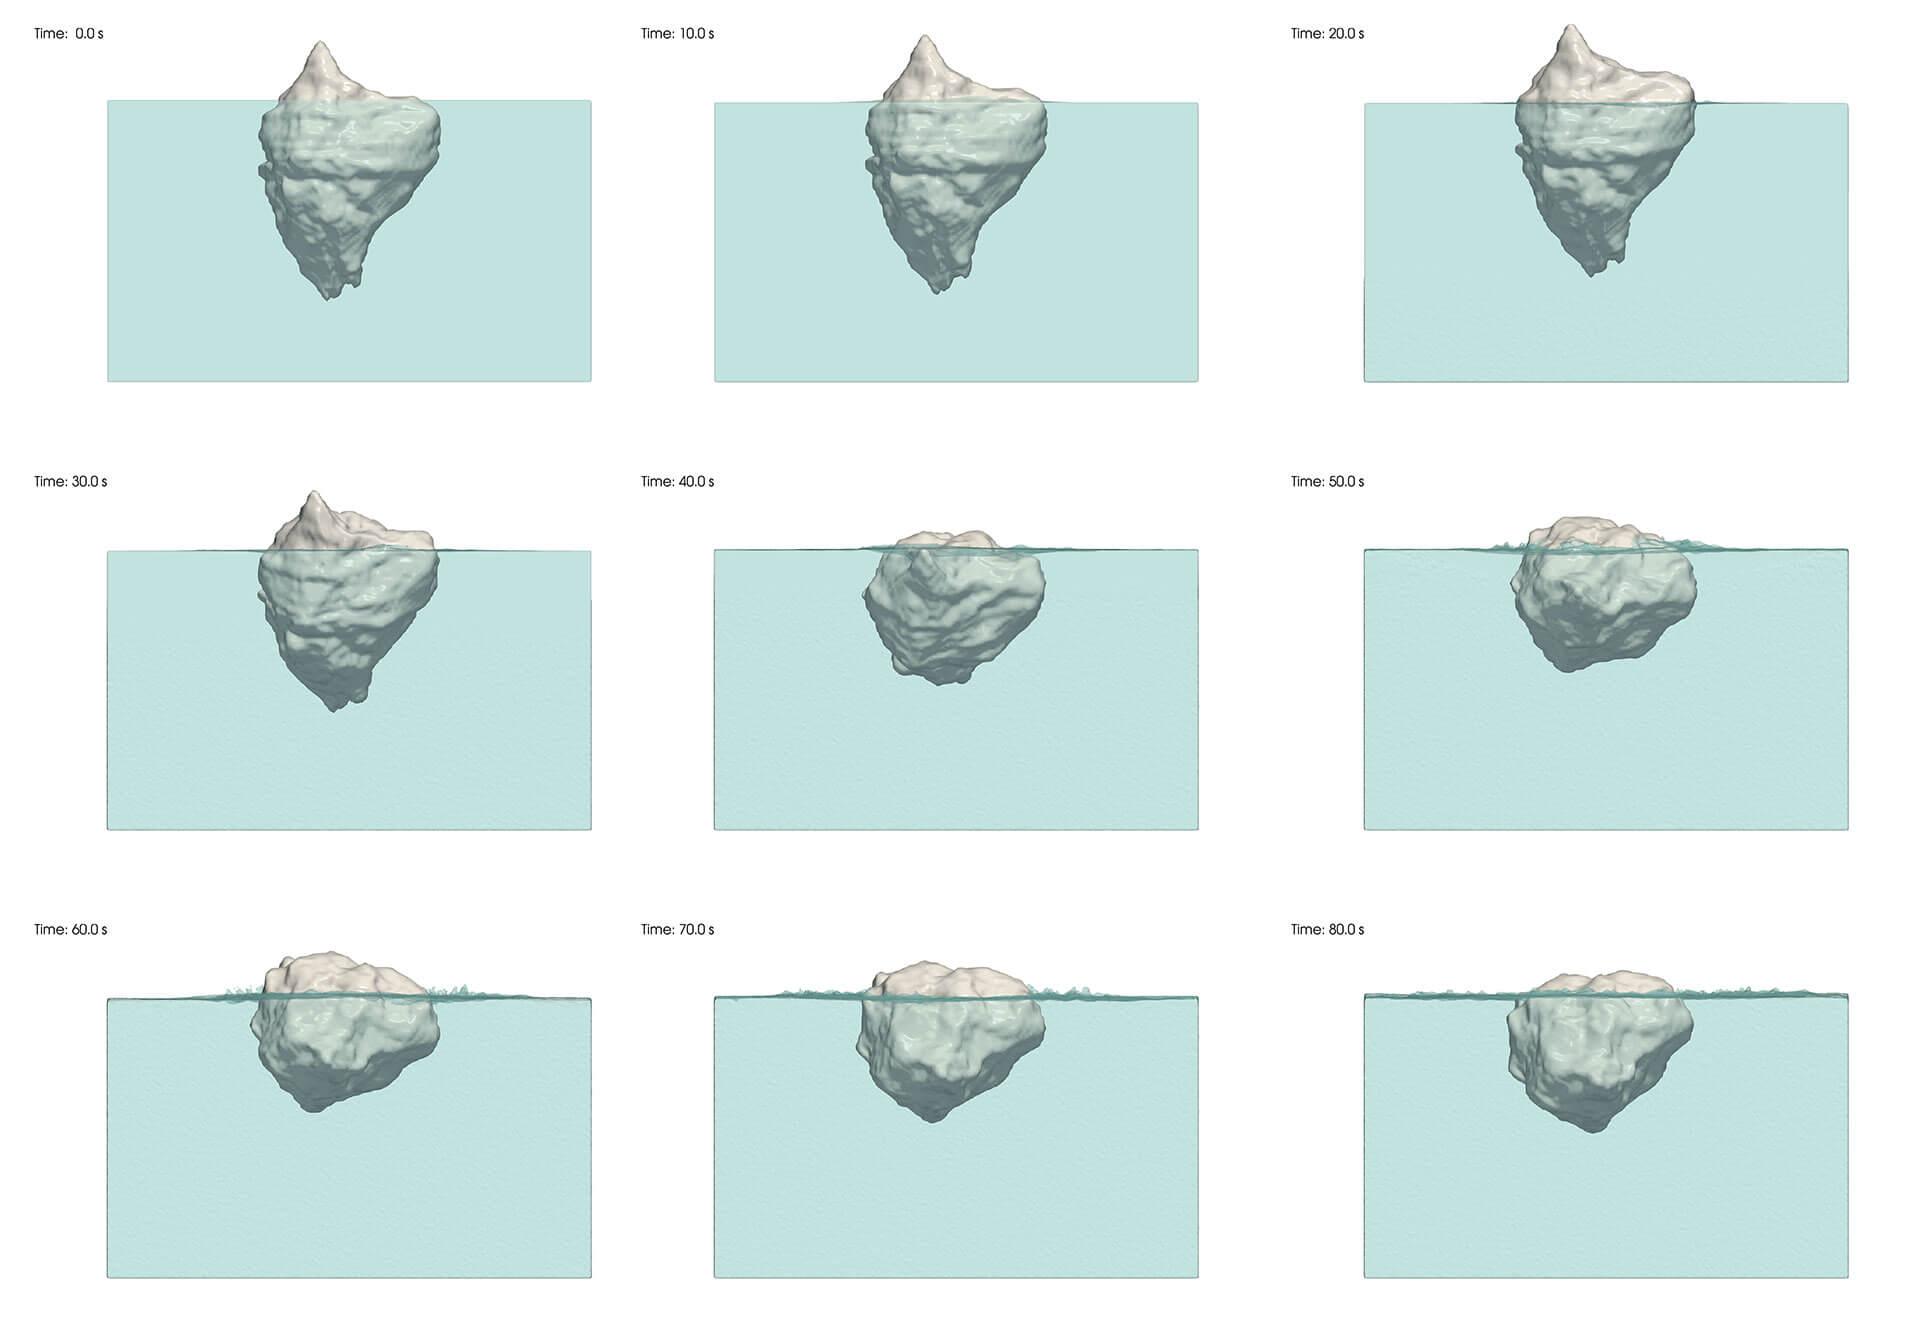 図3:最初の80秒間の氷山の動き